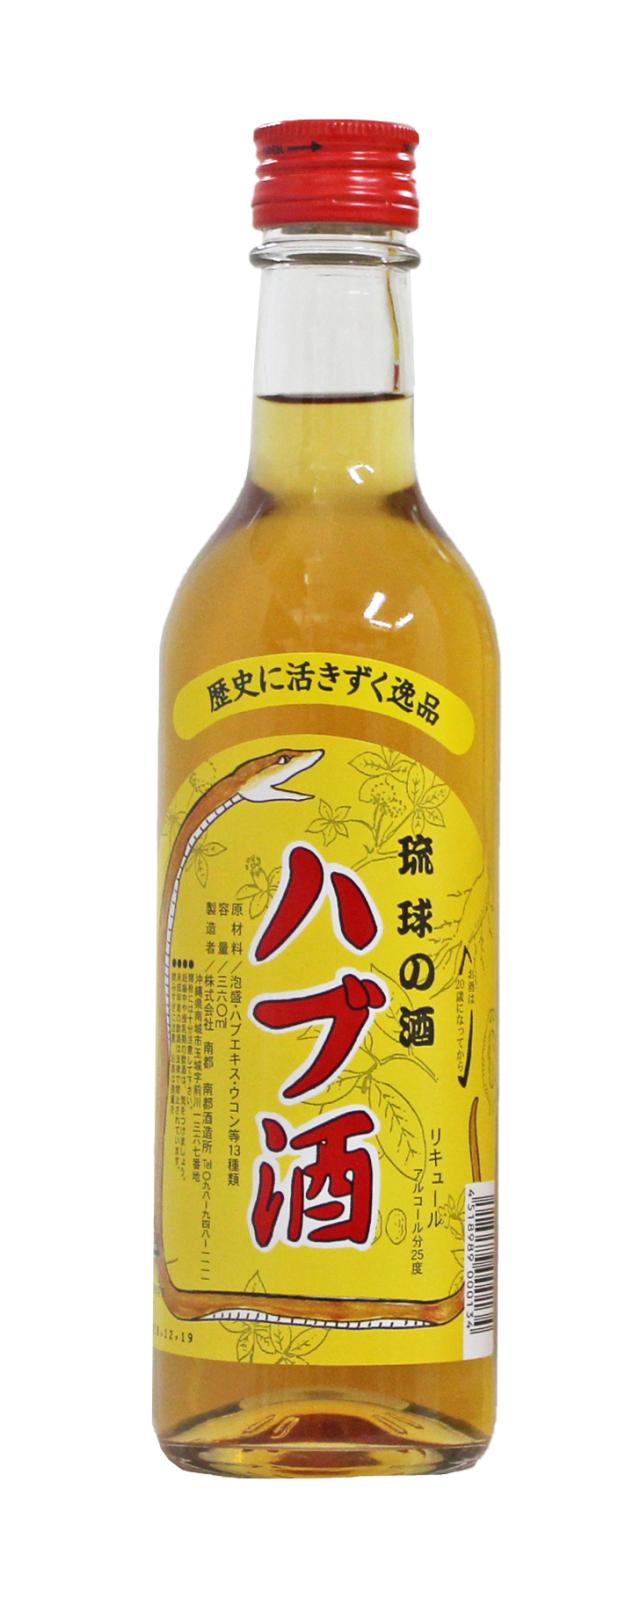 琉球の酒 ハブ酒 25度 360ml